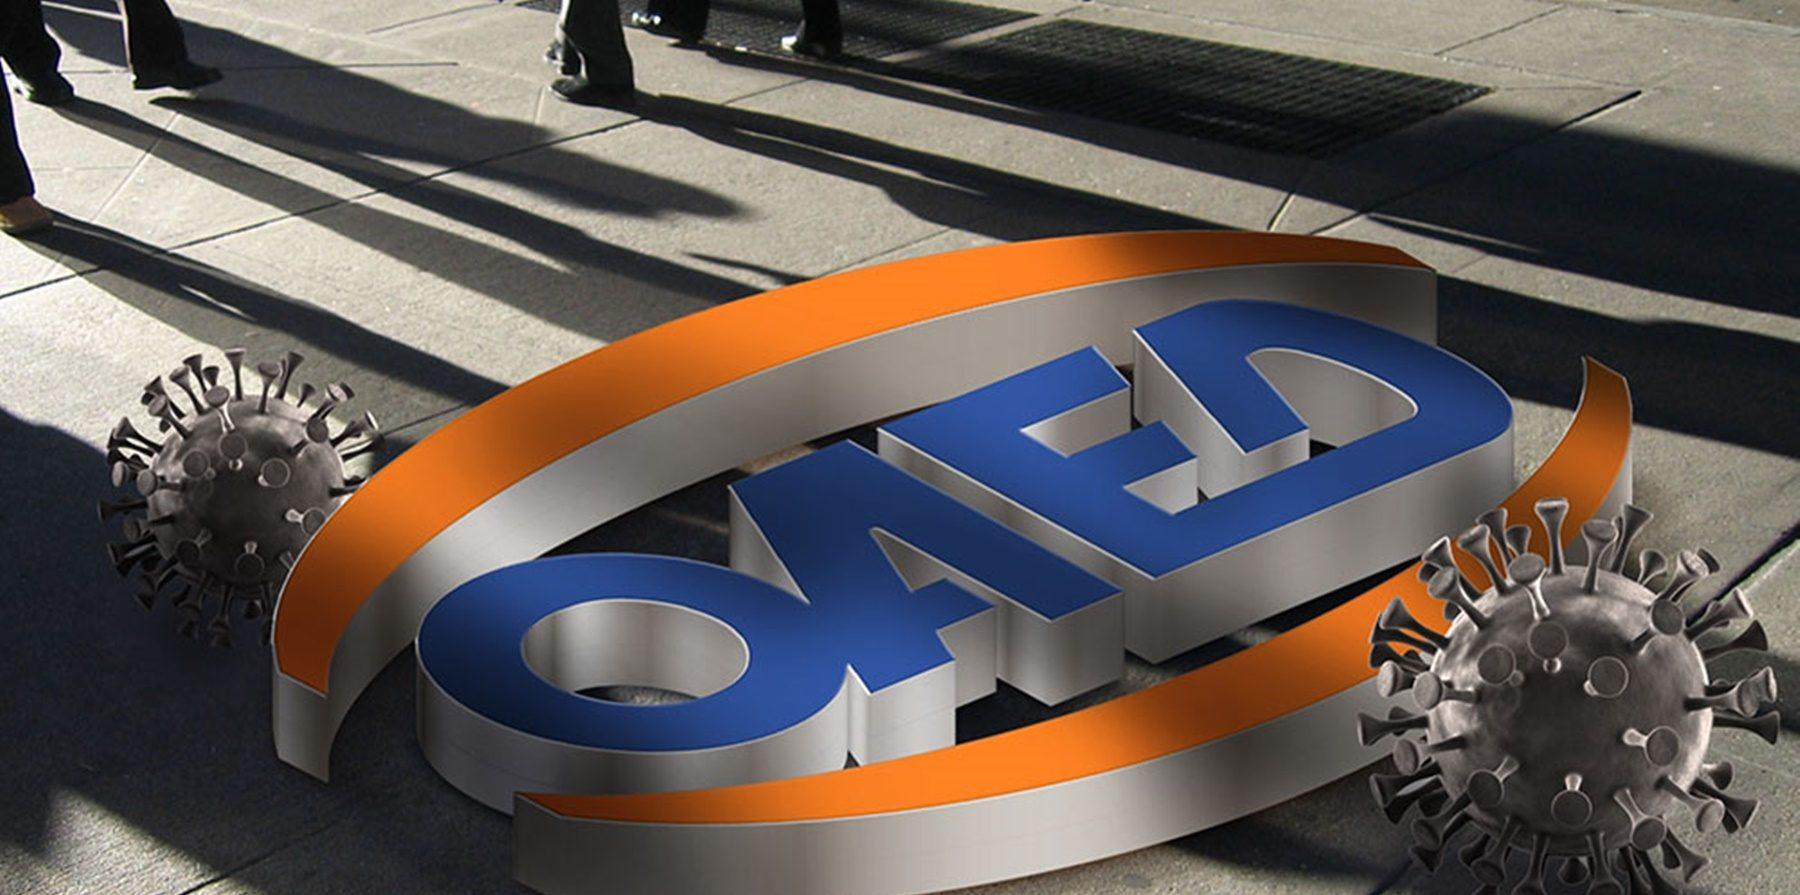 ΟΑΕΔ : Αύριο ξεκινάνε οι αιτήσεις για τον κοινωνικό τουρισμό